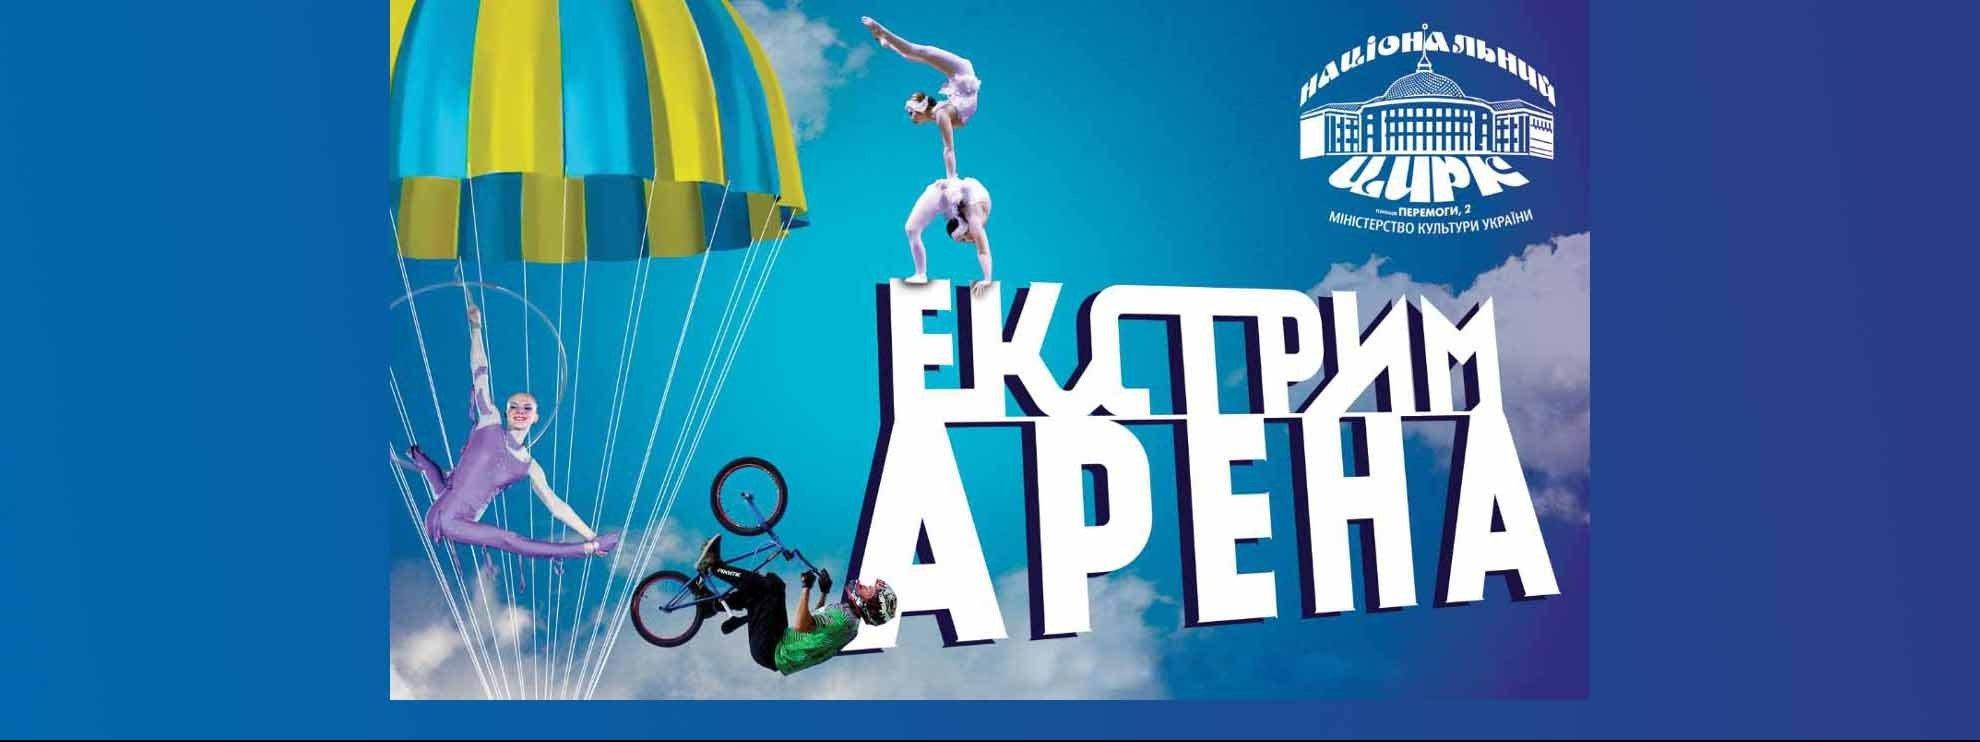 исполнитель Экстрим арена